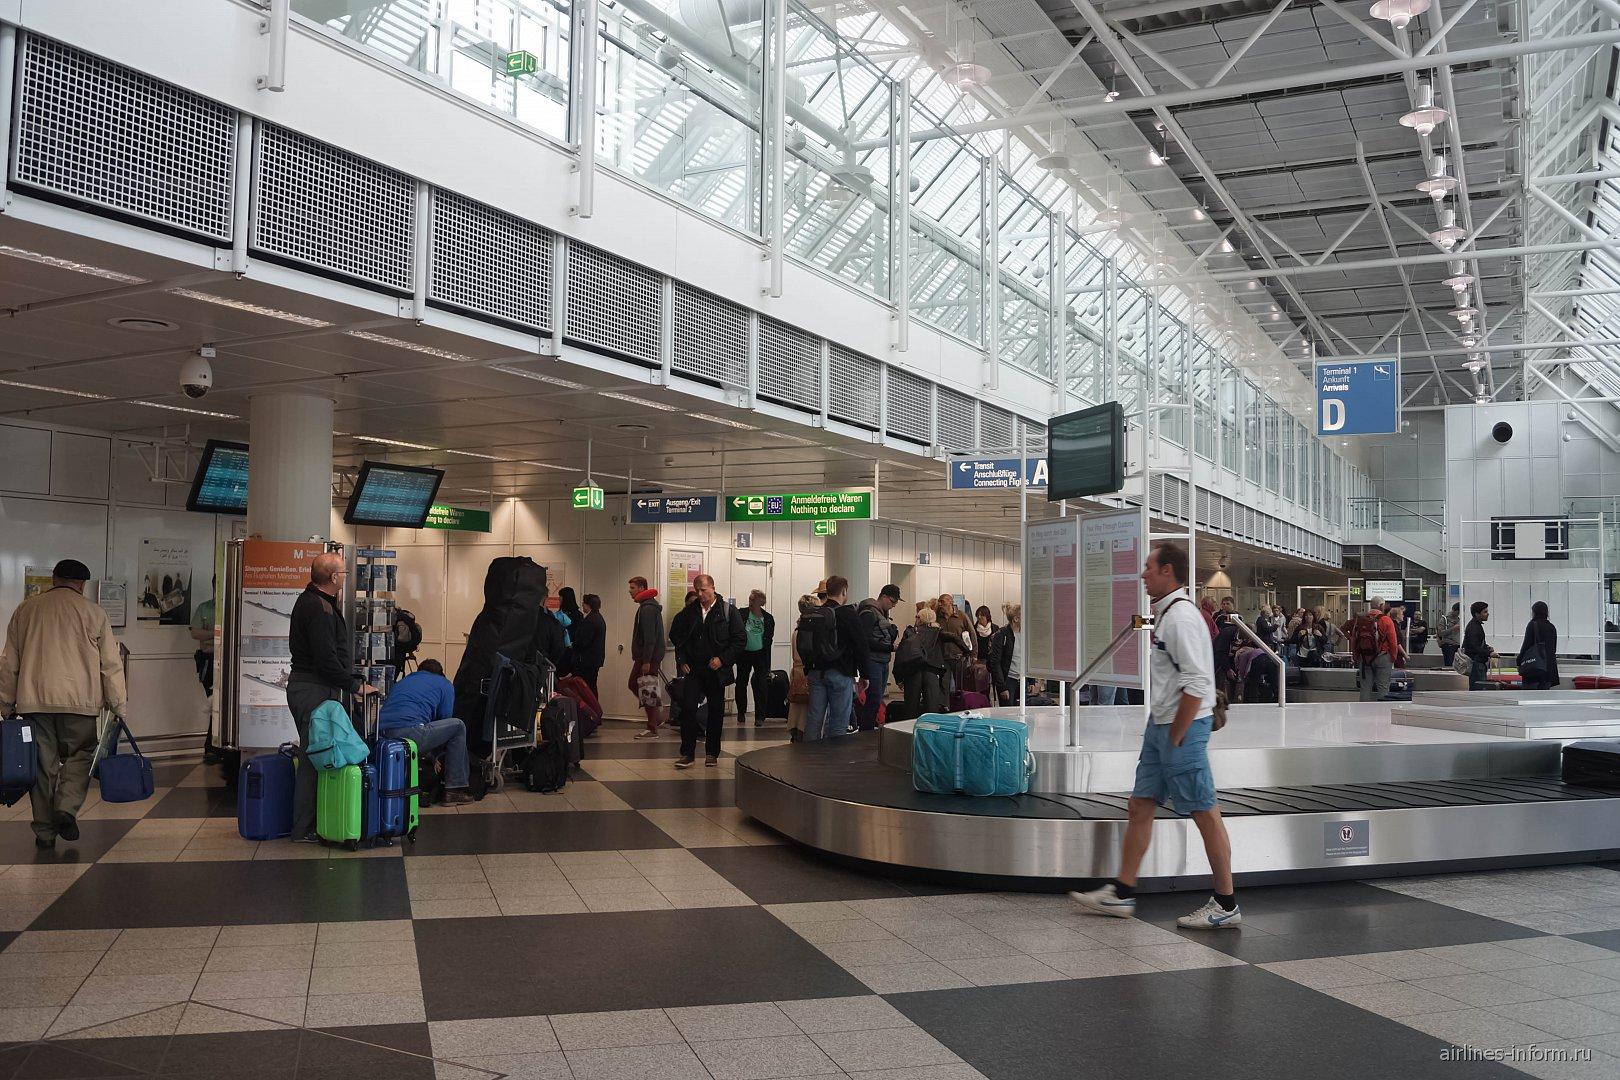 Зал получения выдачи в Терминале 1 аэропорта Мюнхен